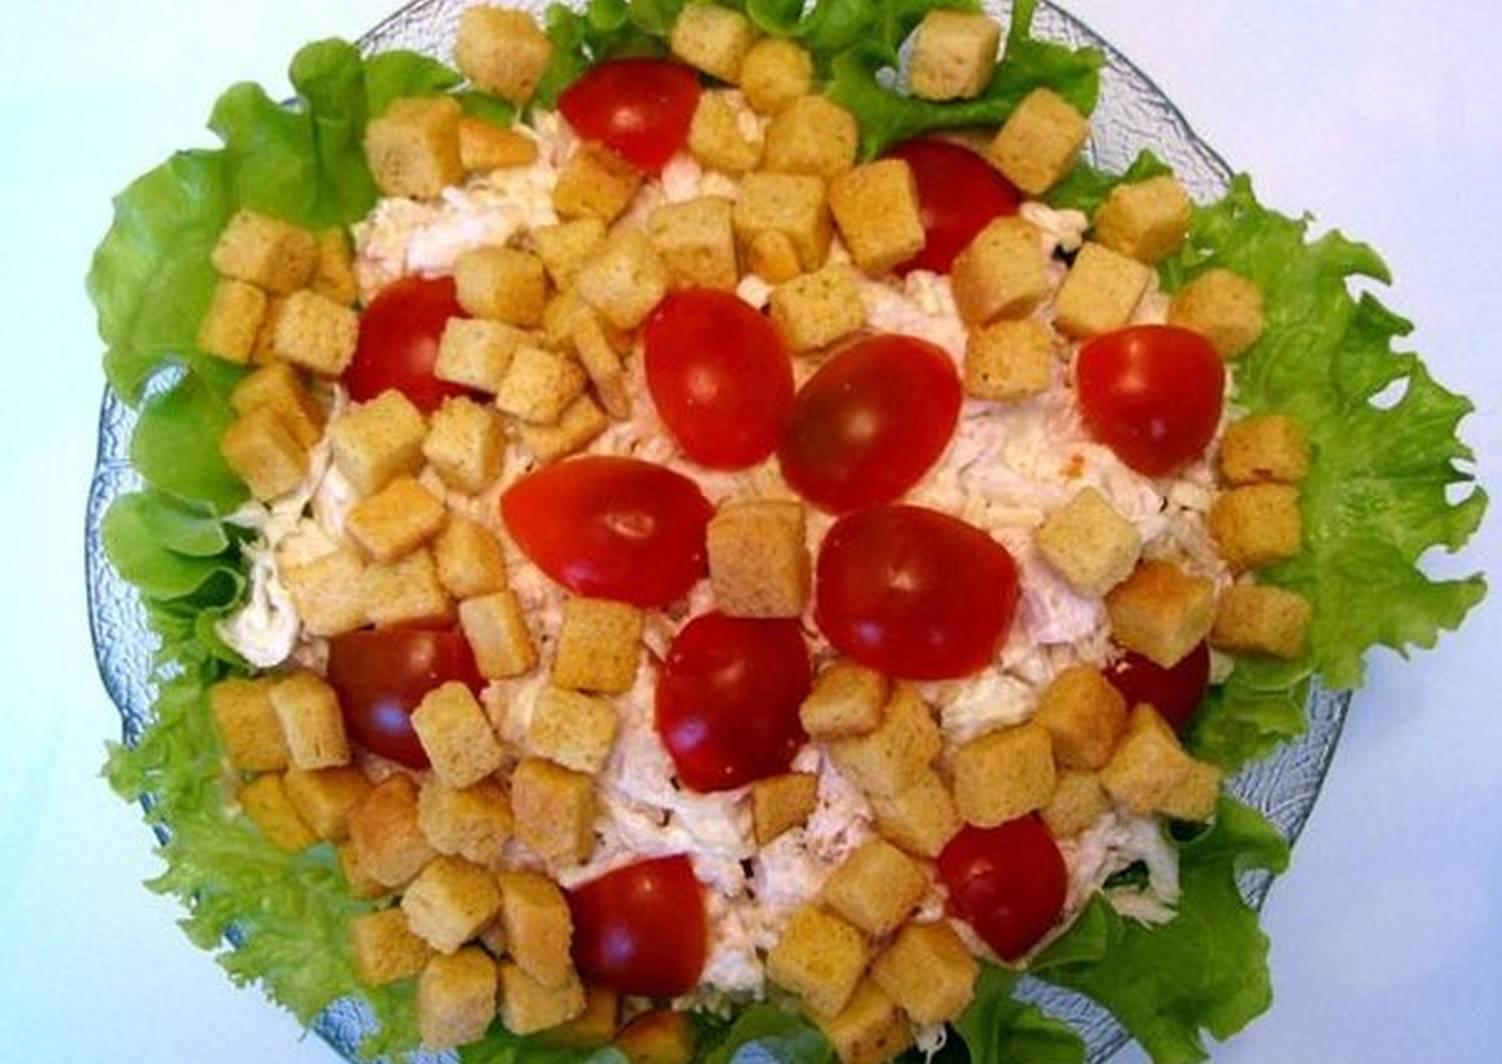 связи салат коррида пошаговый рецепт с фото животные